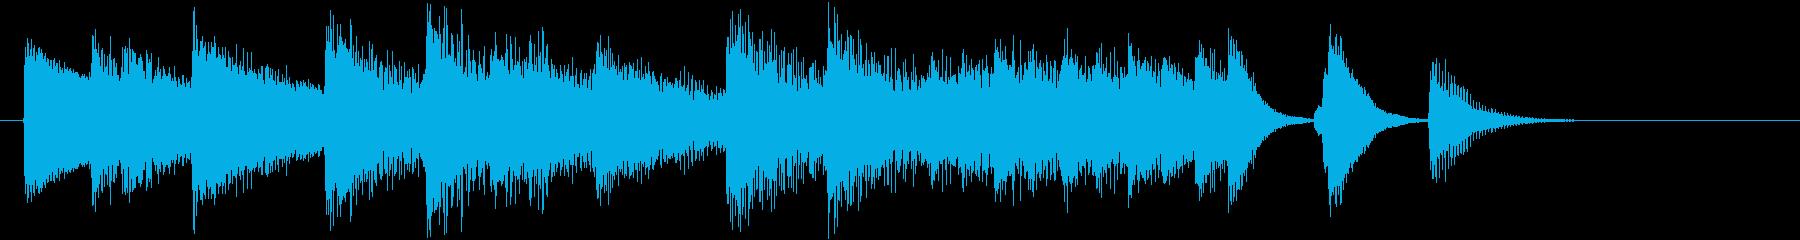 オシャレなジャズの春らしいピアノジングルの再生済みの波形